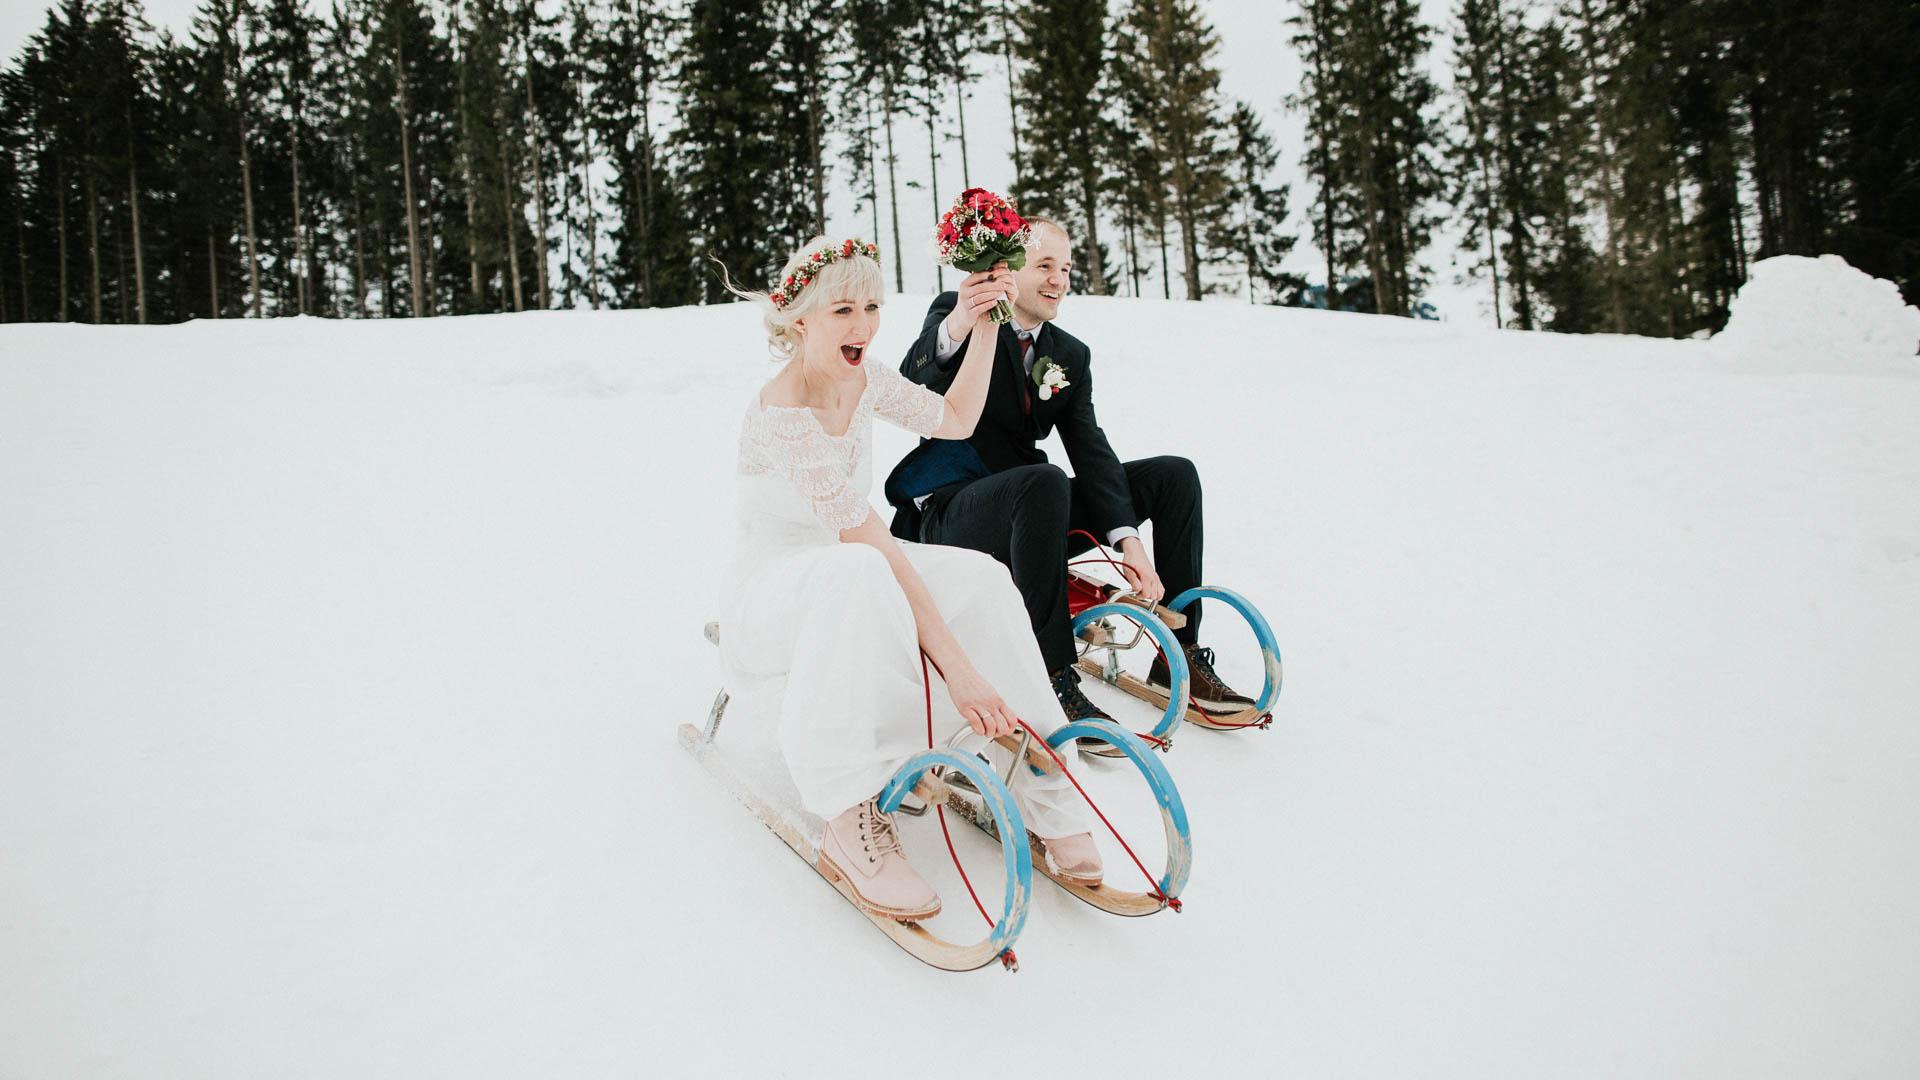 Standesamt Brautkleider für den Winter